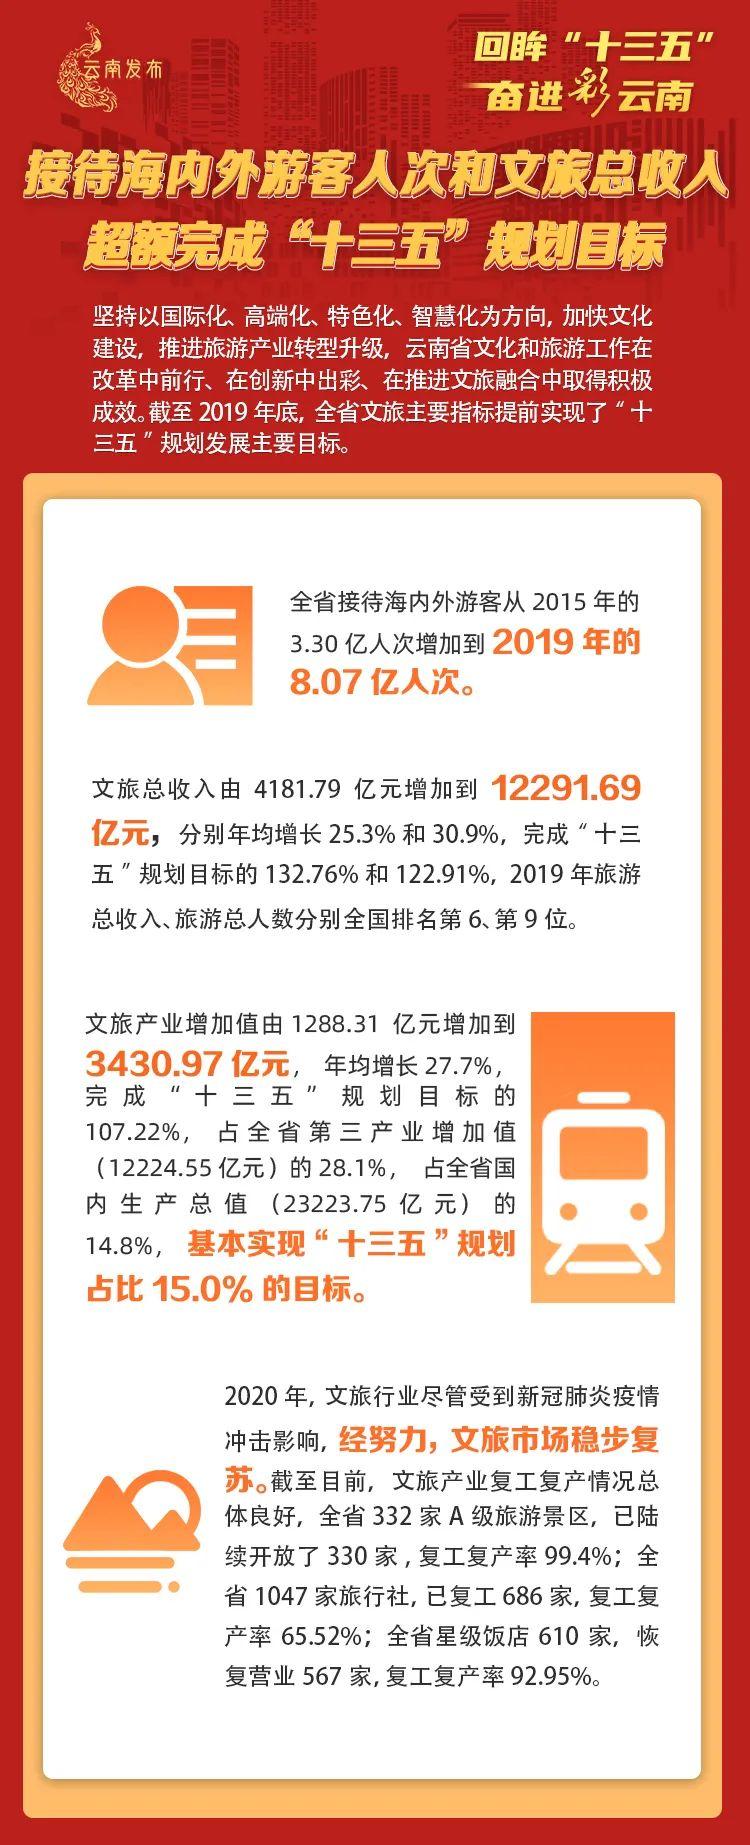 """超额完成""""十三五""""规划目标!云南文旅总收入超万亿图片"""